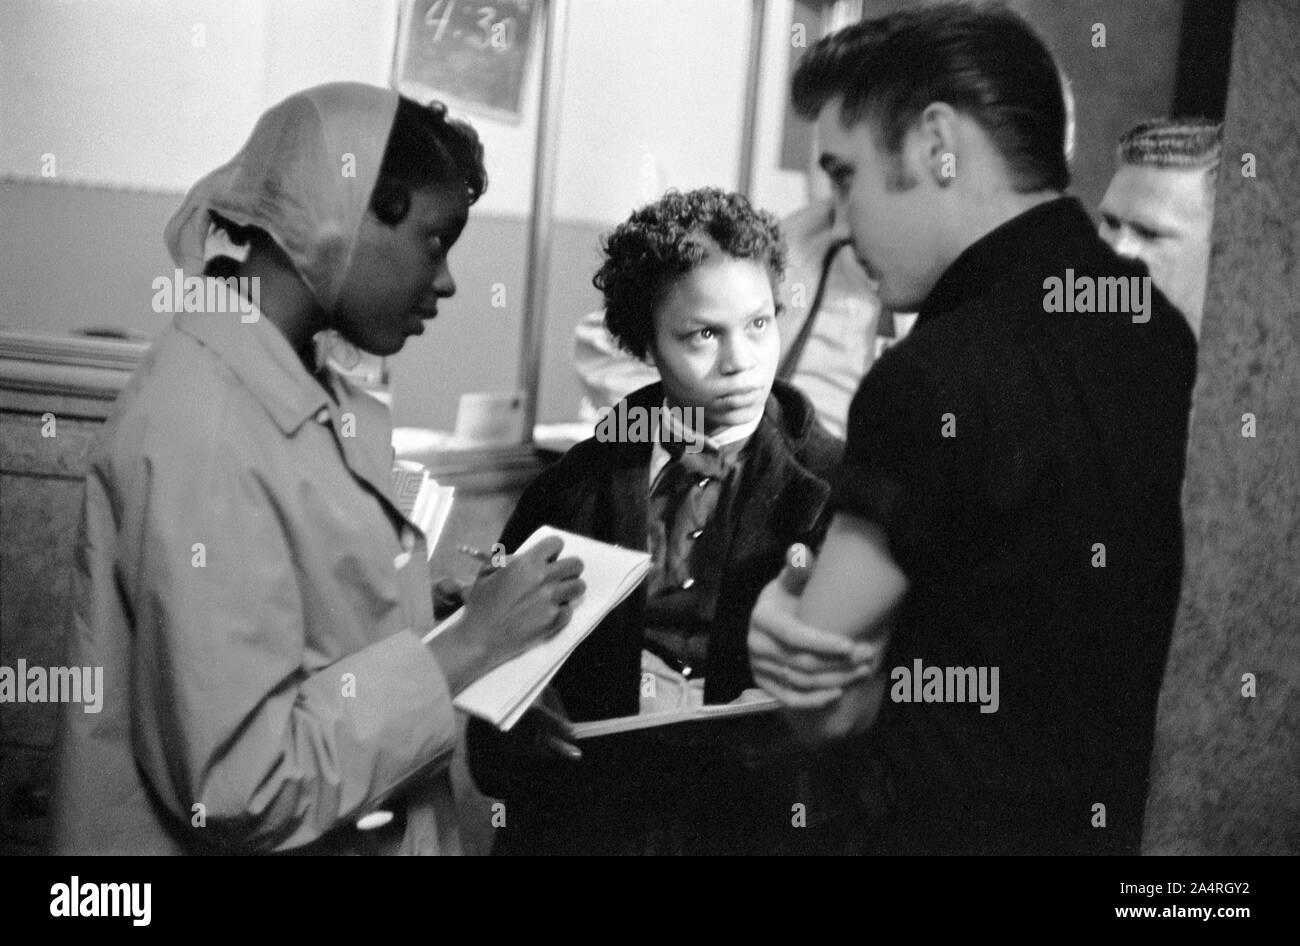 Elvis Presley sprechen mit jungen Reportern im Fox Theater in Detroit, 25. Mai 1956. Stockfoto